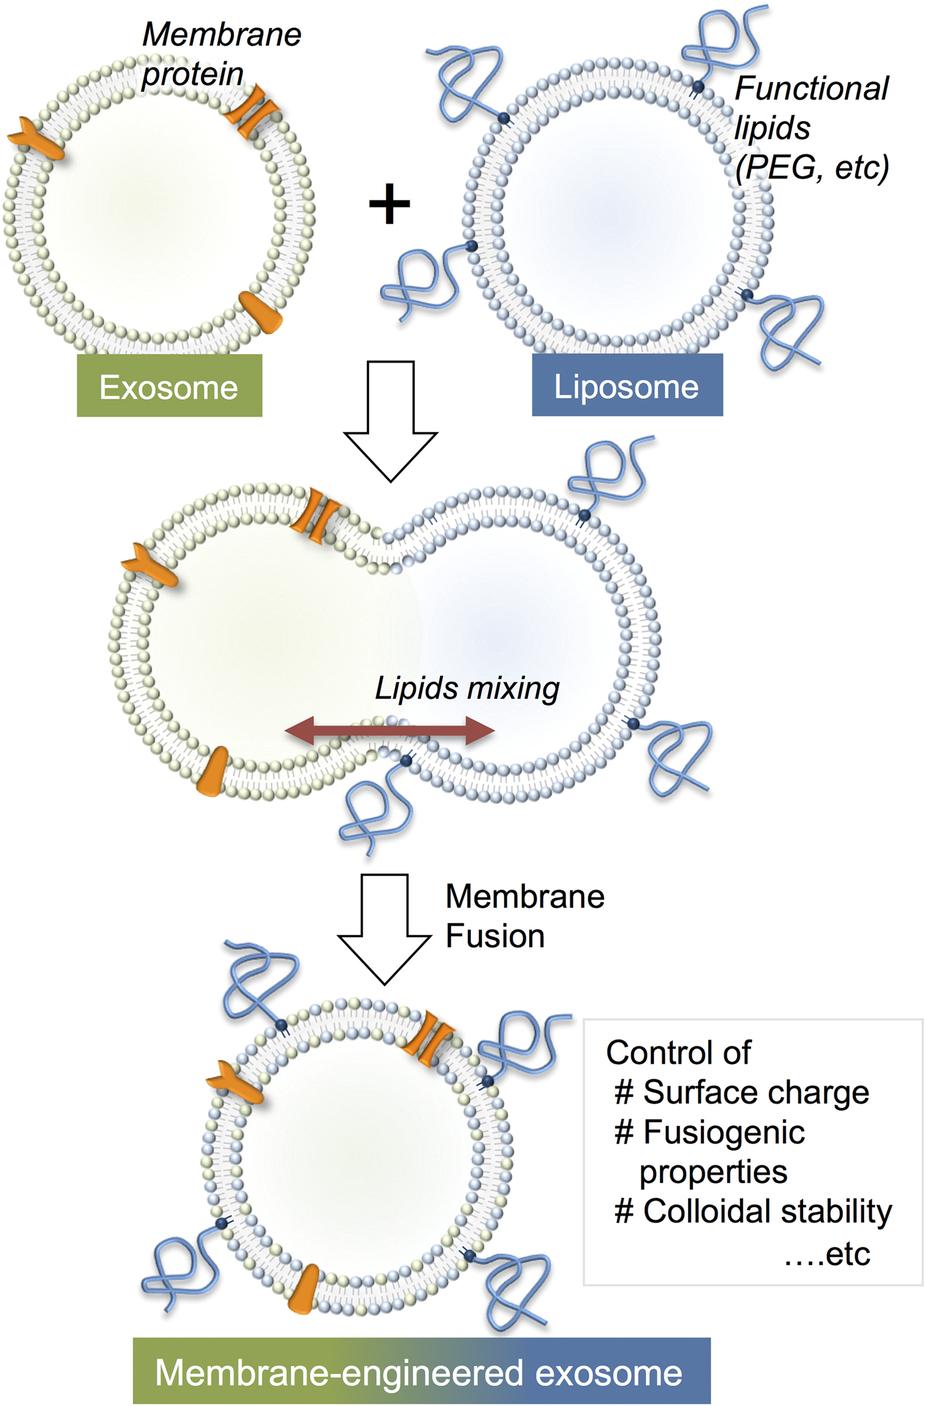 生物膜新技术——脂质体融合外泌体